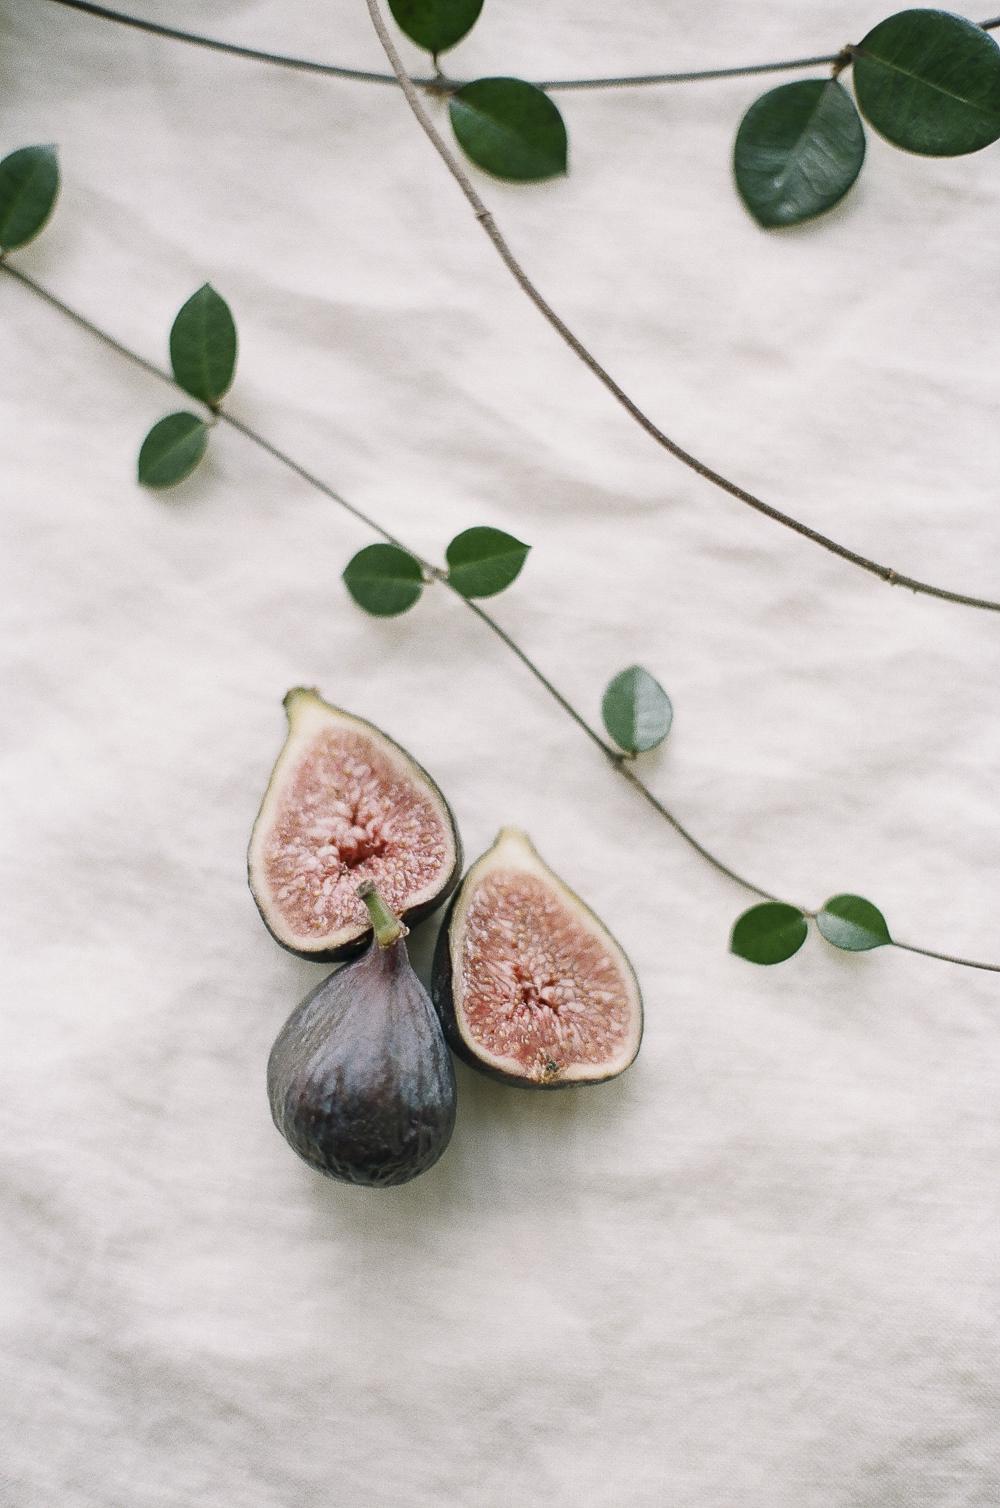 figs-02.jpg